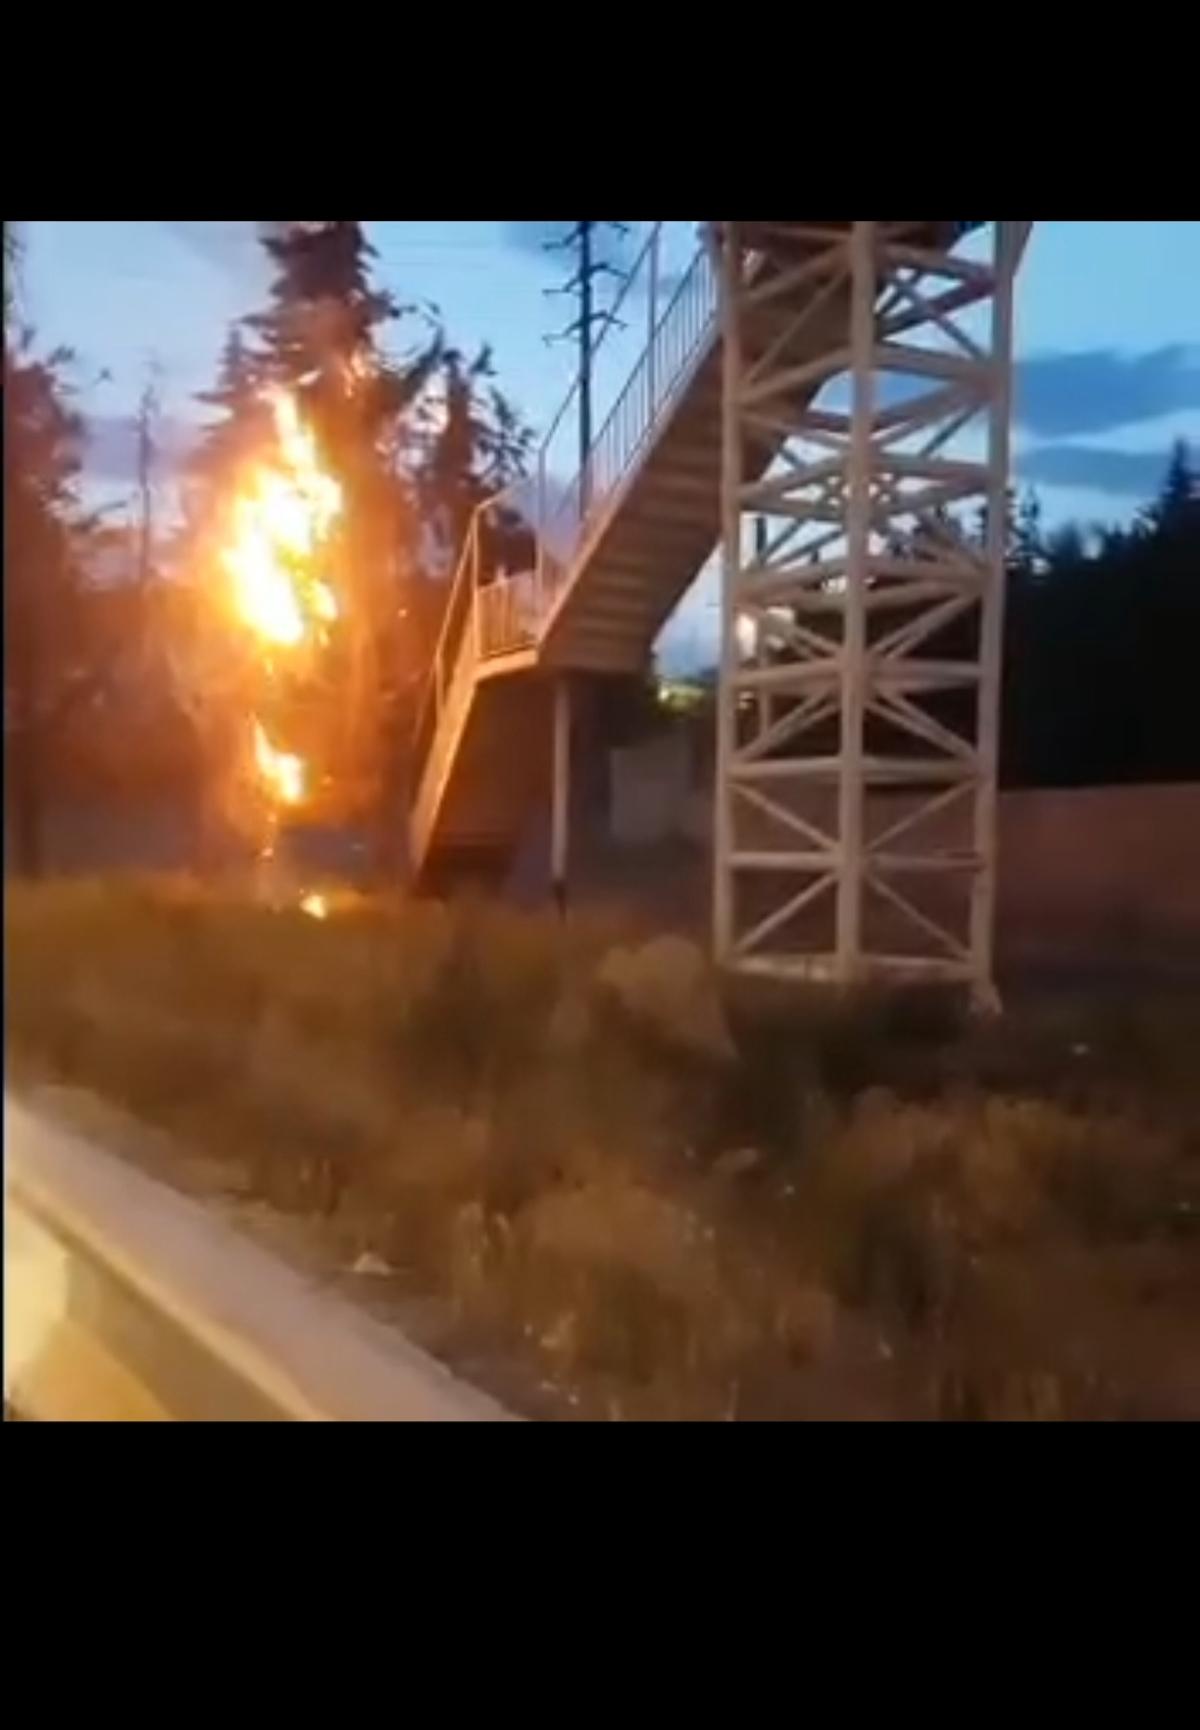 آتش زدن عمدی درختان روبروی دانشگاه آزاد پردیس+فیلم